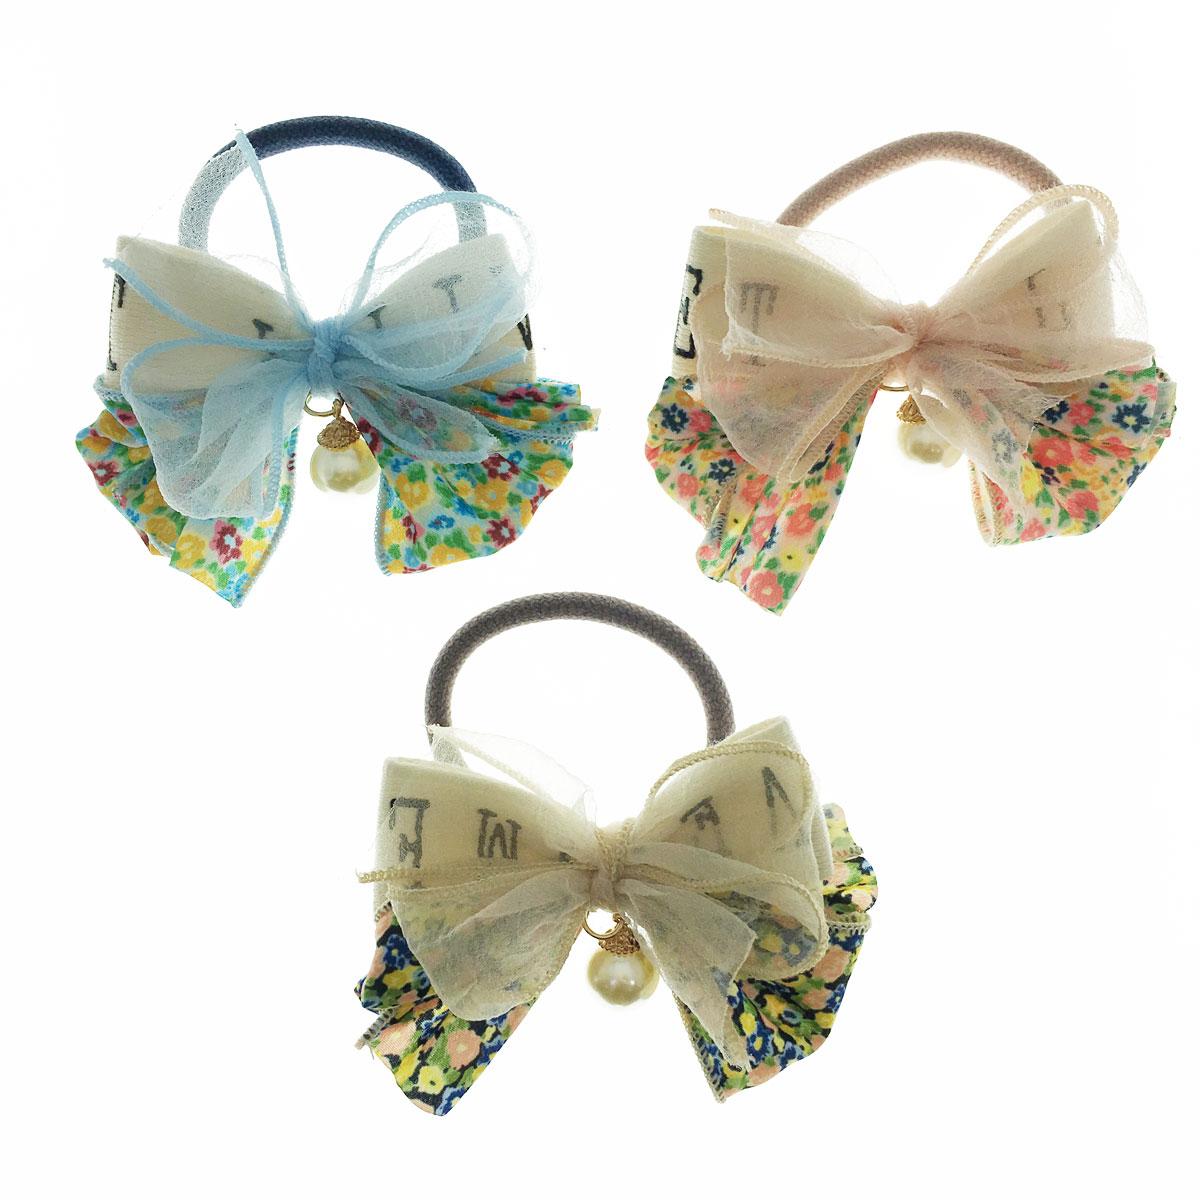 韓國 蝴蝶結 珍珠 紗 花朵 英文 三色 髮束 髮飾